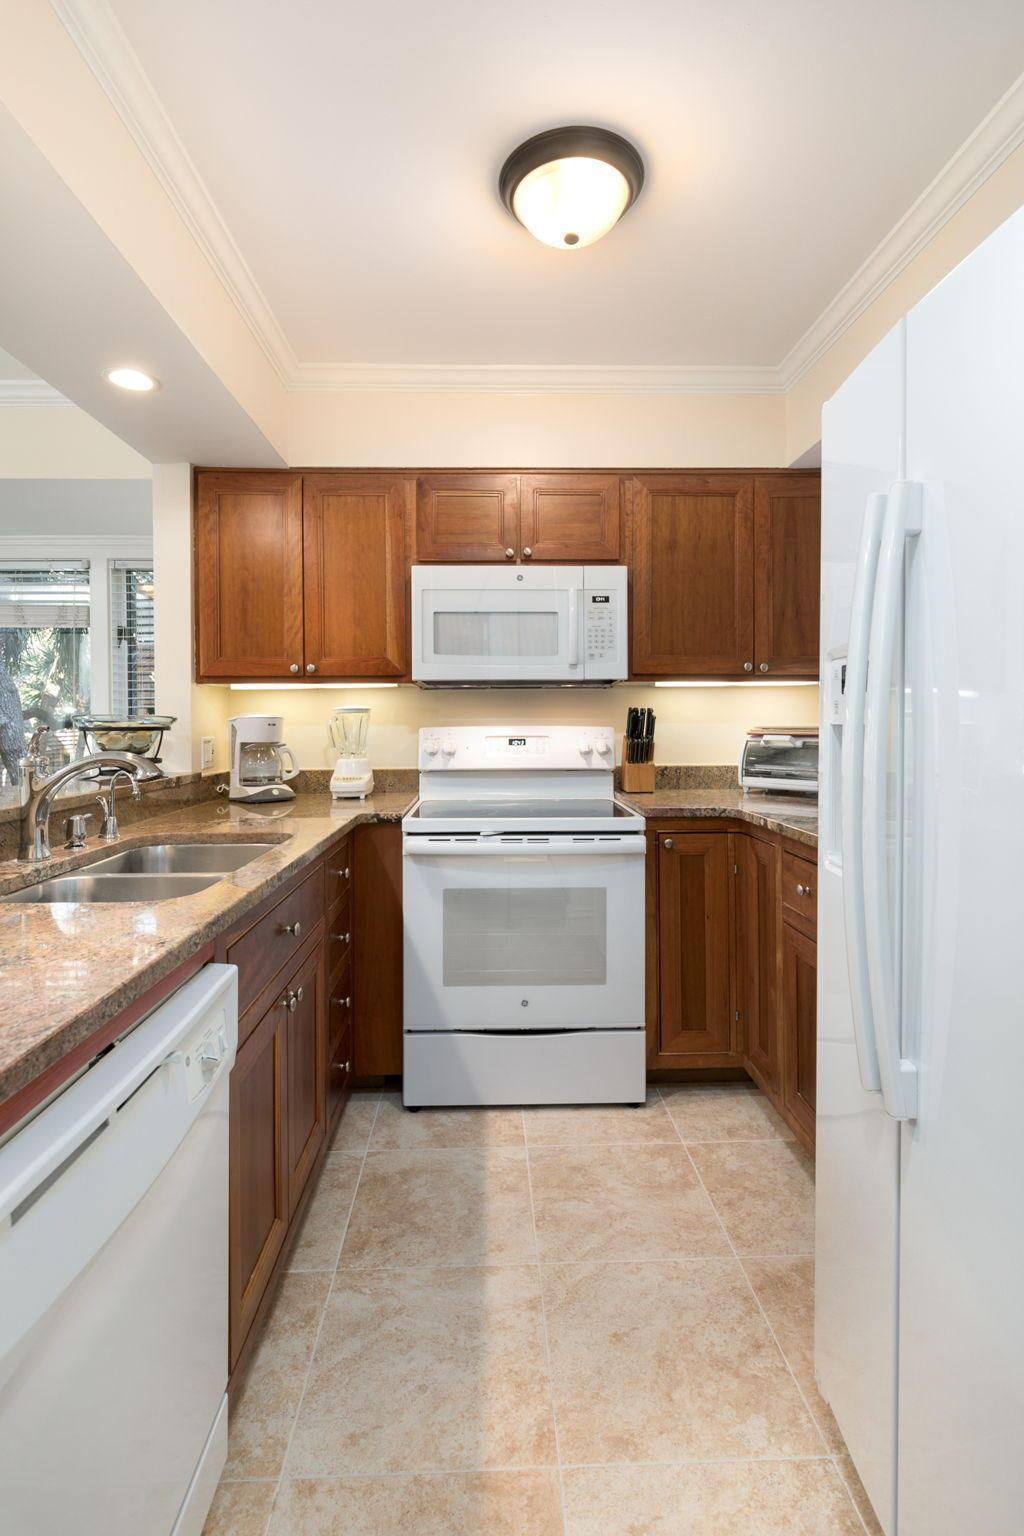 Kiawah Island Homes For Sale - 4416 Sea Forest, Kiawah Island, SC - 27